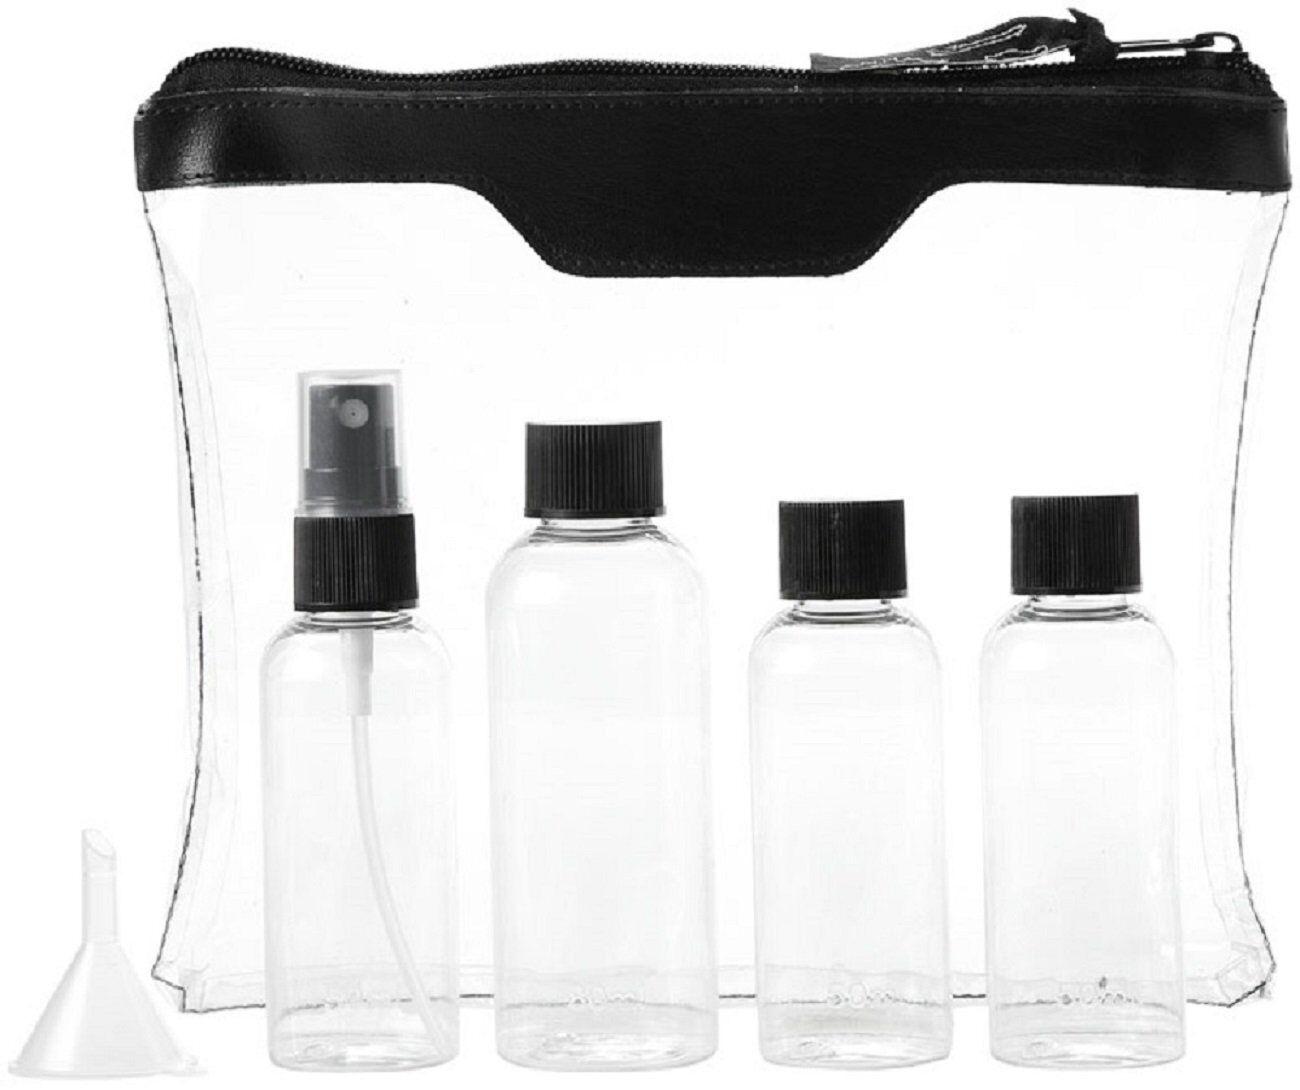 Sicherheitstoilettentasche schwarz inklusive zusätzlichem Ersatzflaschenset